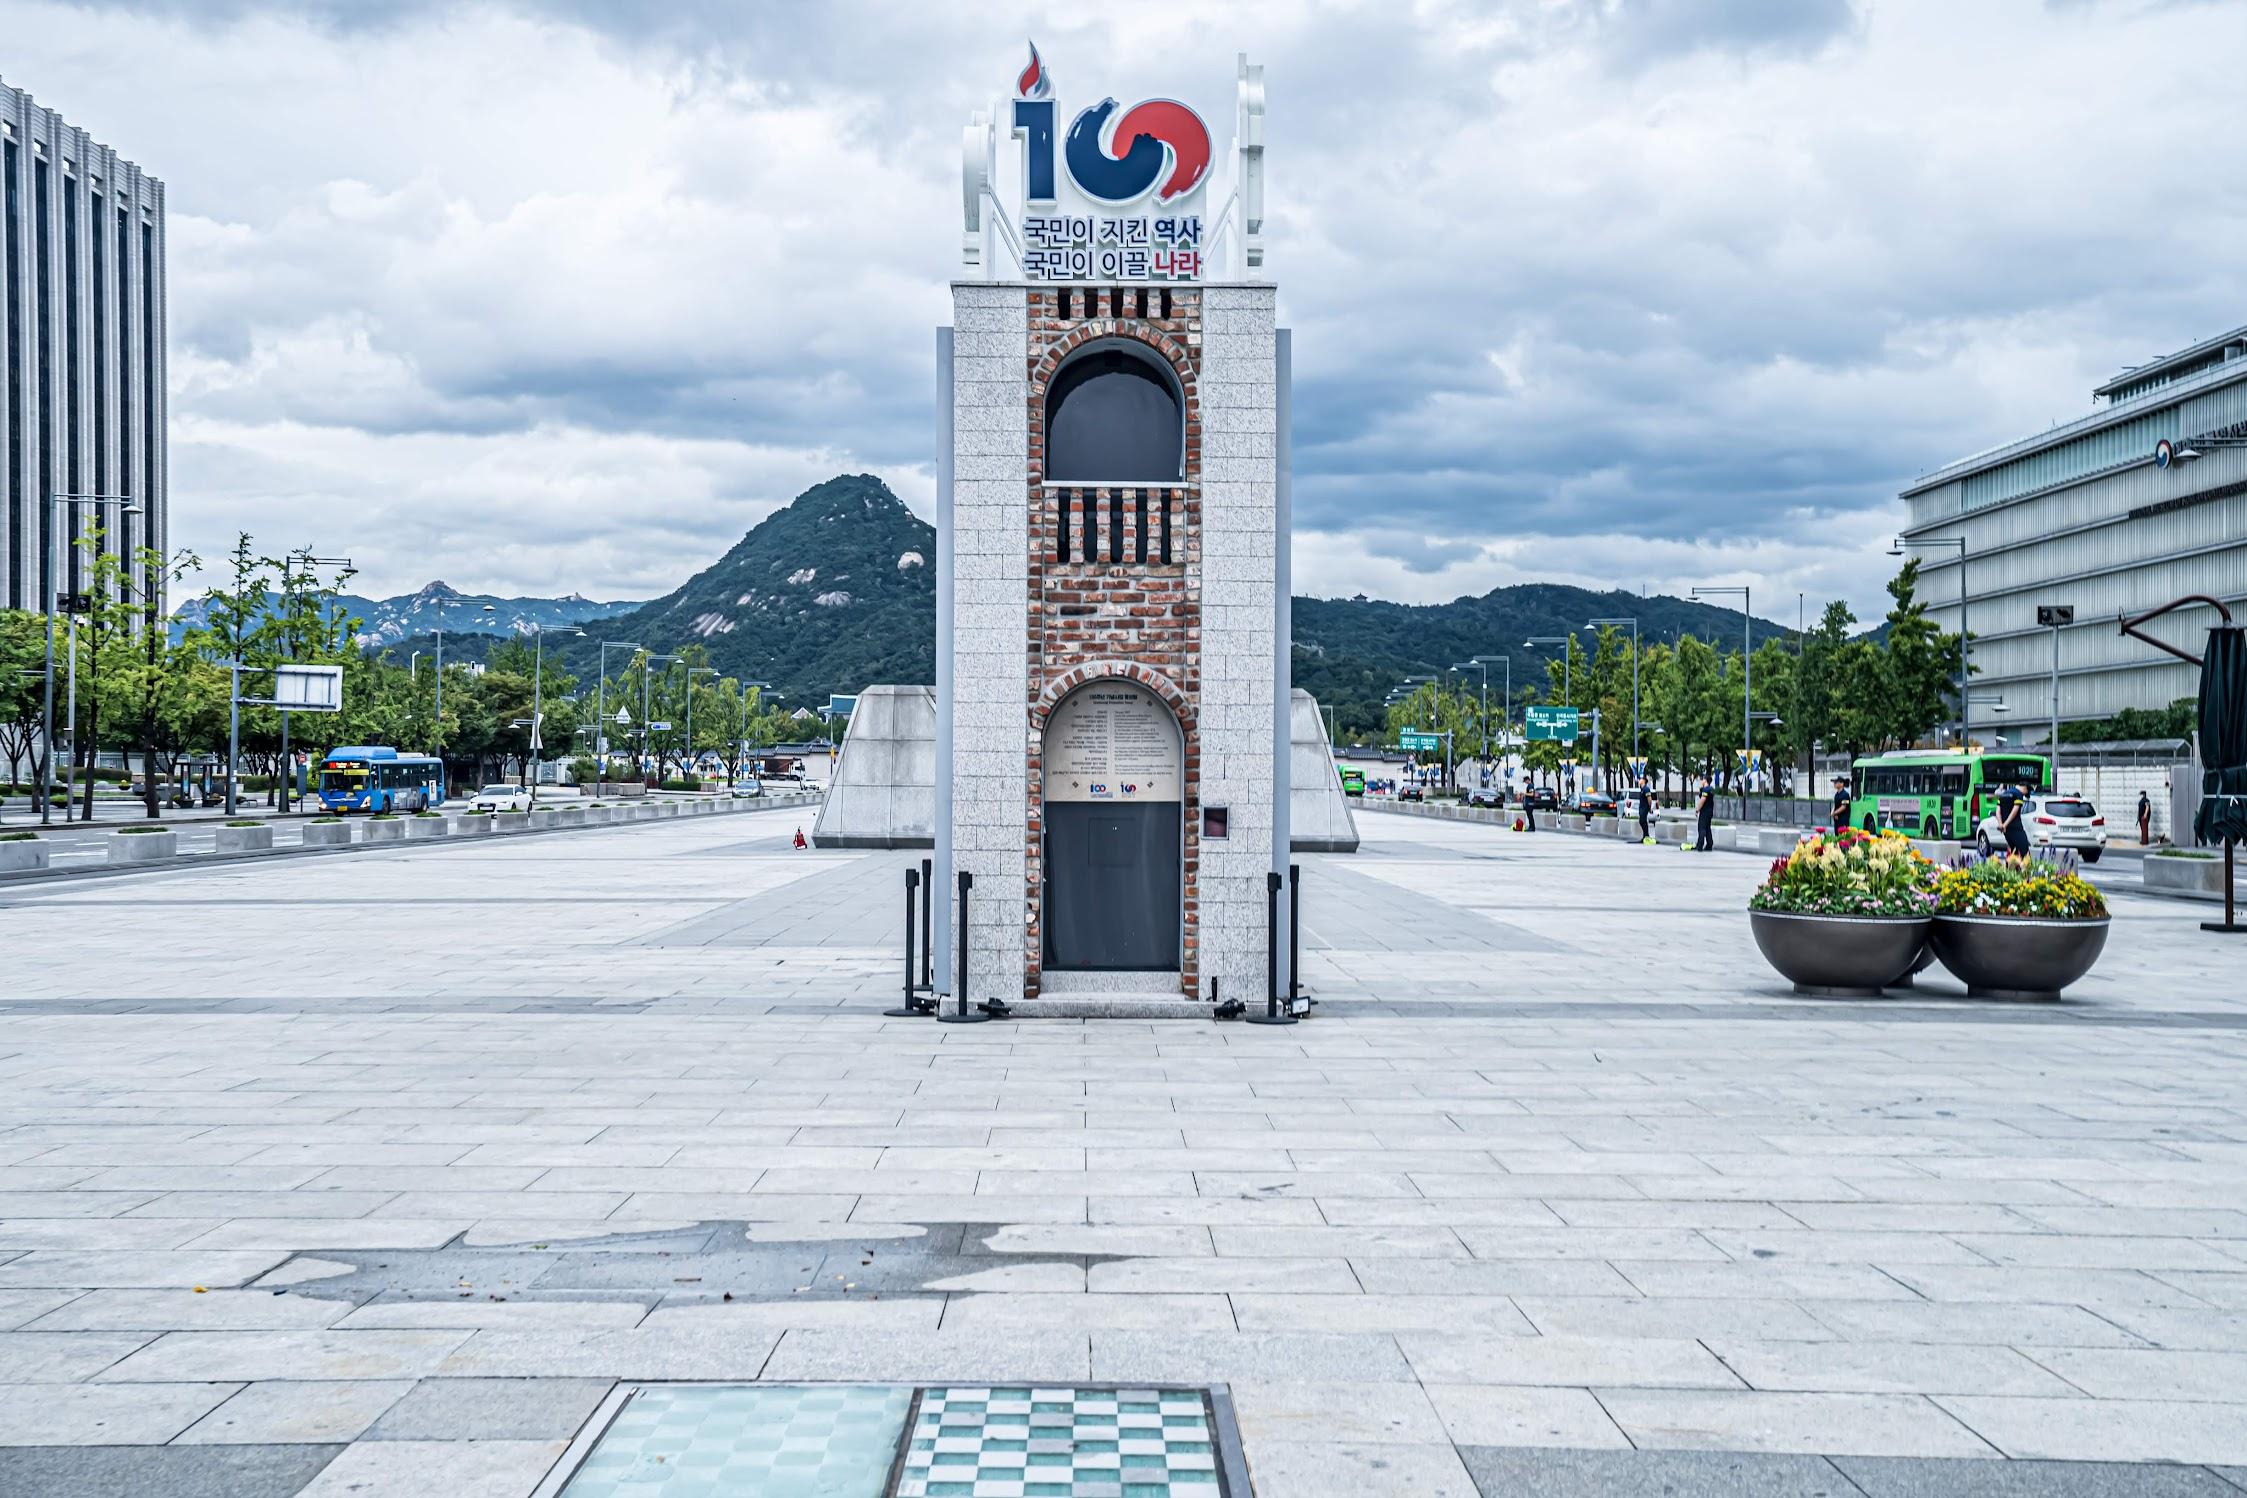 ソウル 光化門広場